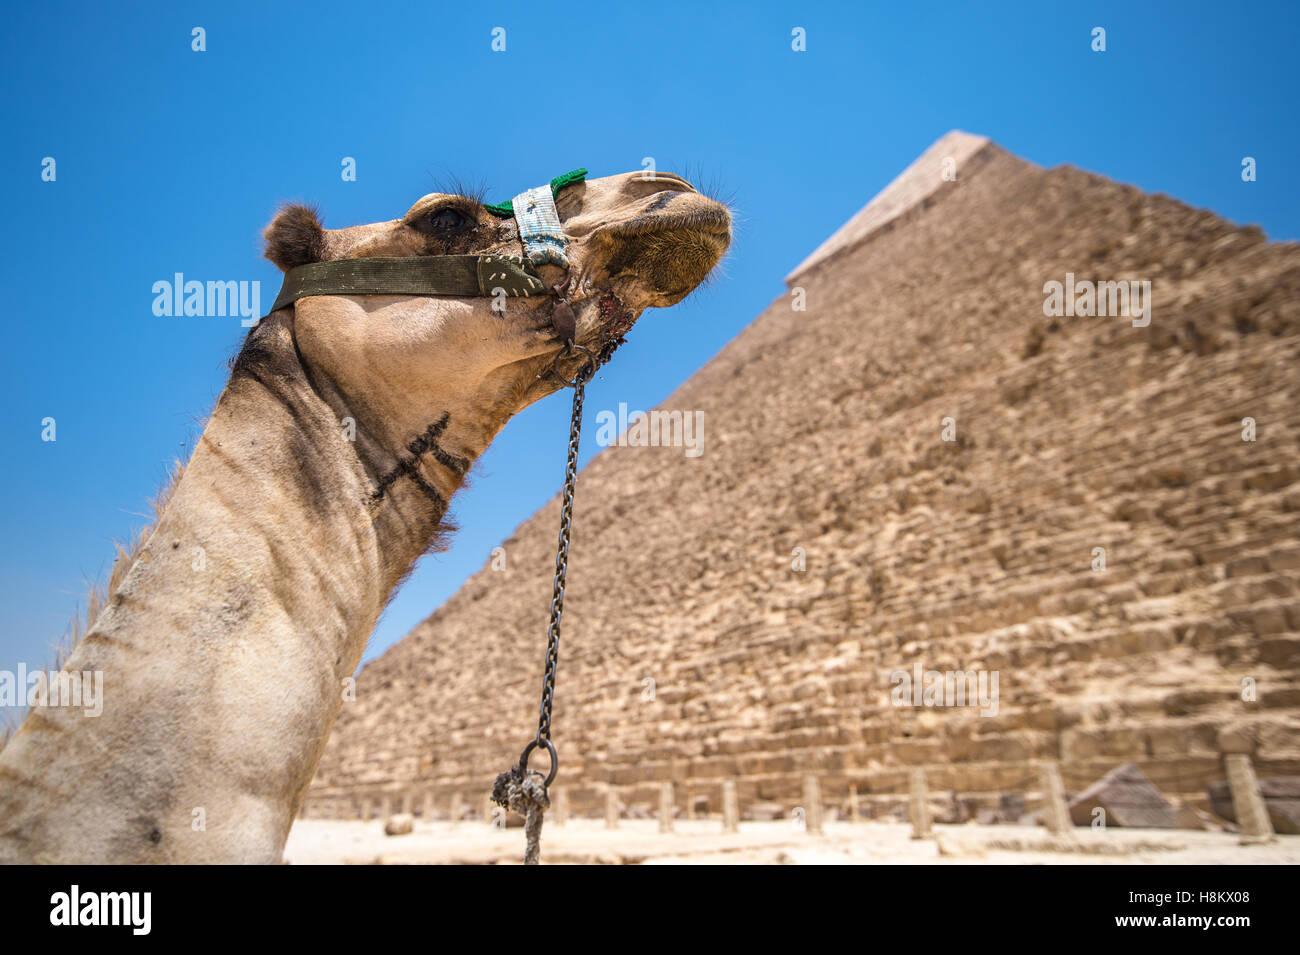 El Cairo, Egipto camello descansando en el desierto con las grandes Pirámides de Giza en el fondo. Esta es Imagen De Stock